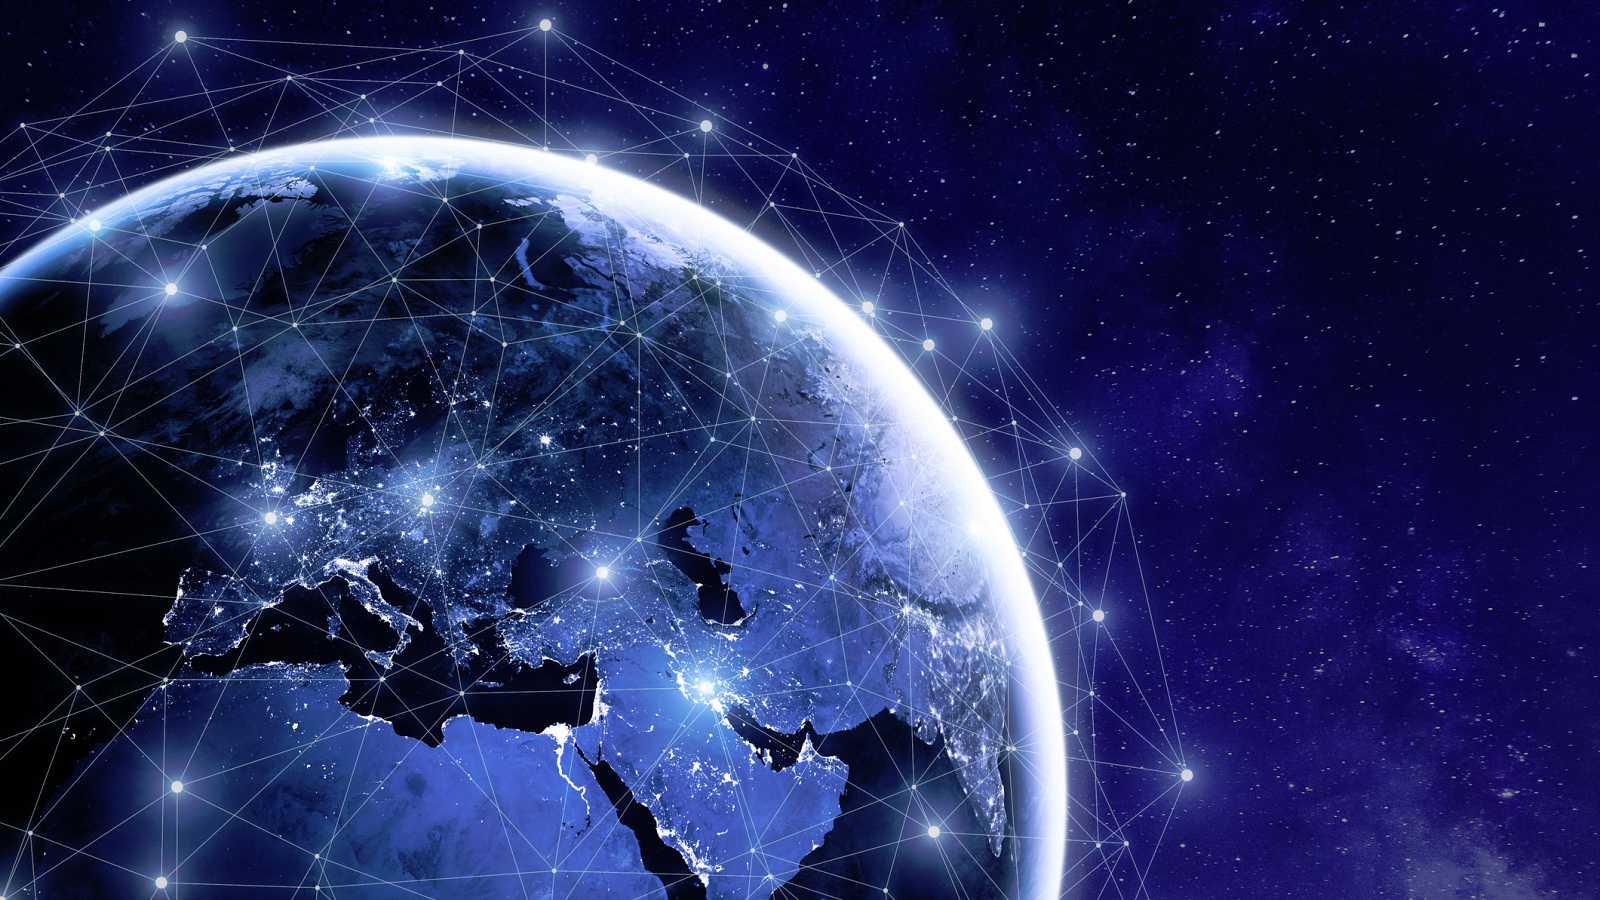 La red Starlink prevé proporcionar internet de alta velocidad a usuarios de cualquier lugar del mundo.